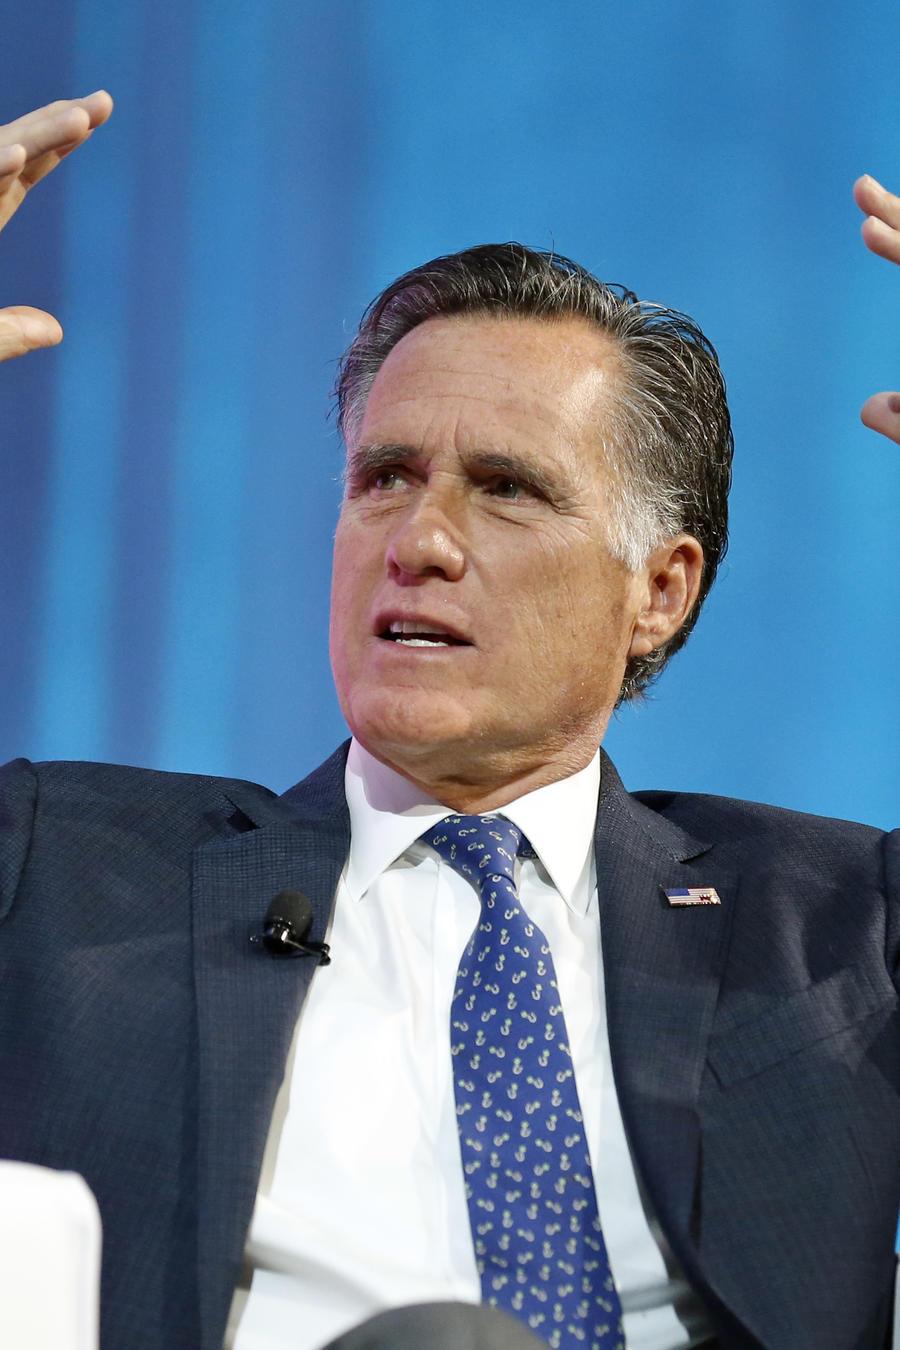 El ex candidato republicano Mitt Romney en una conferencia en Salt Lake City el 19 de enero del 2018.